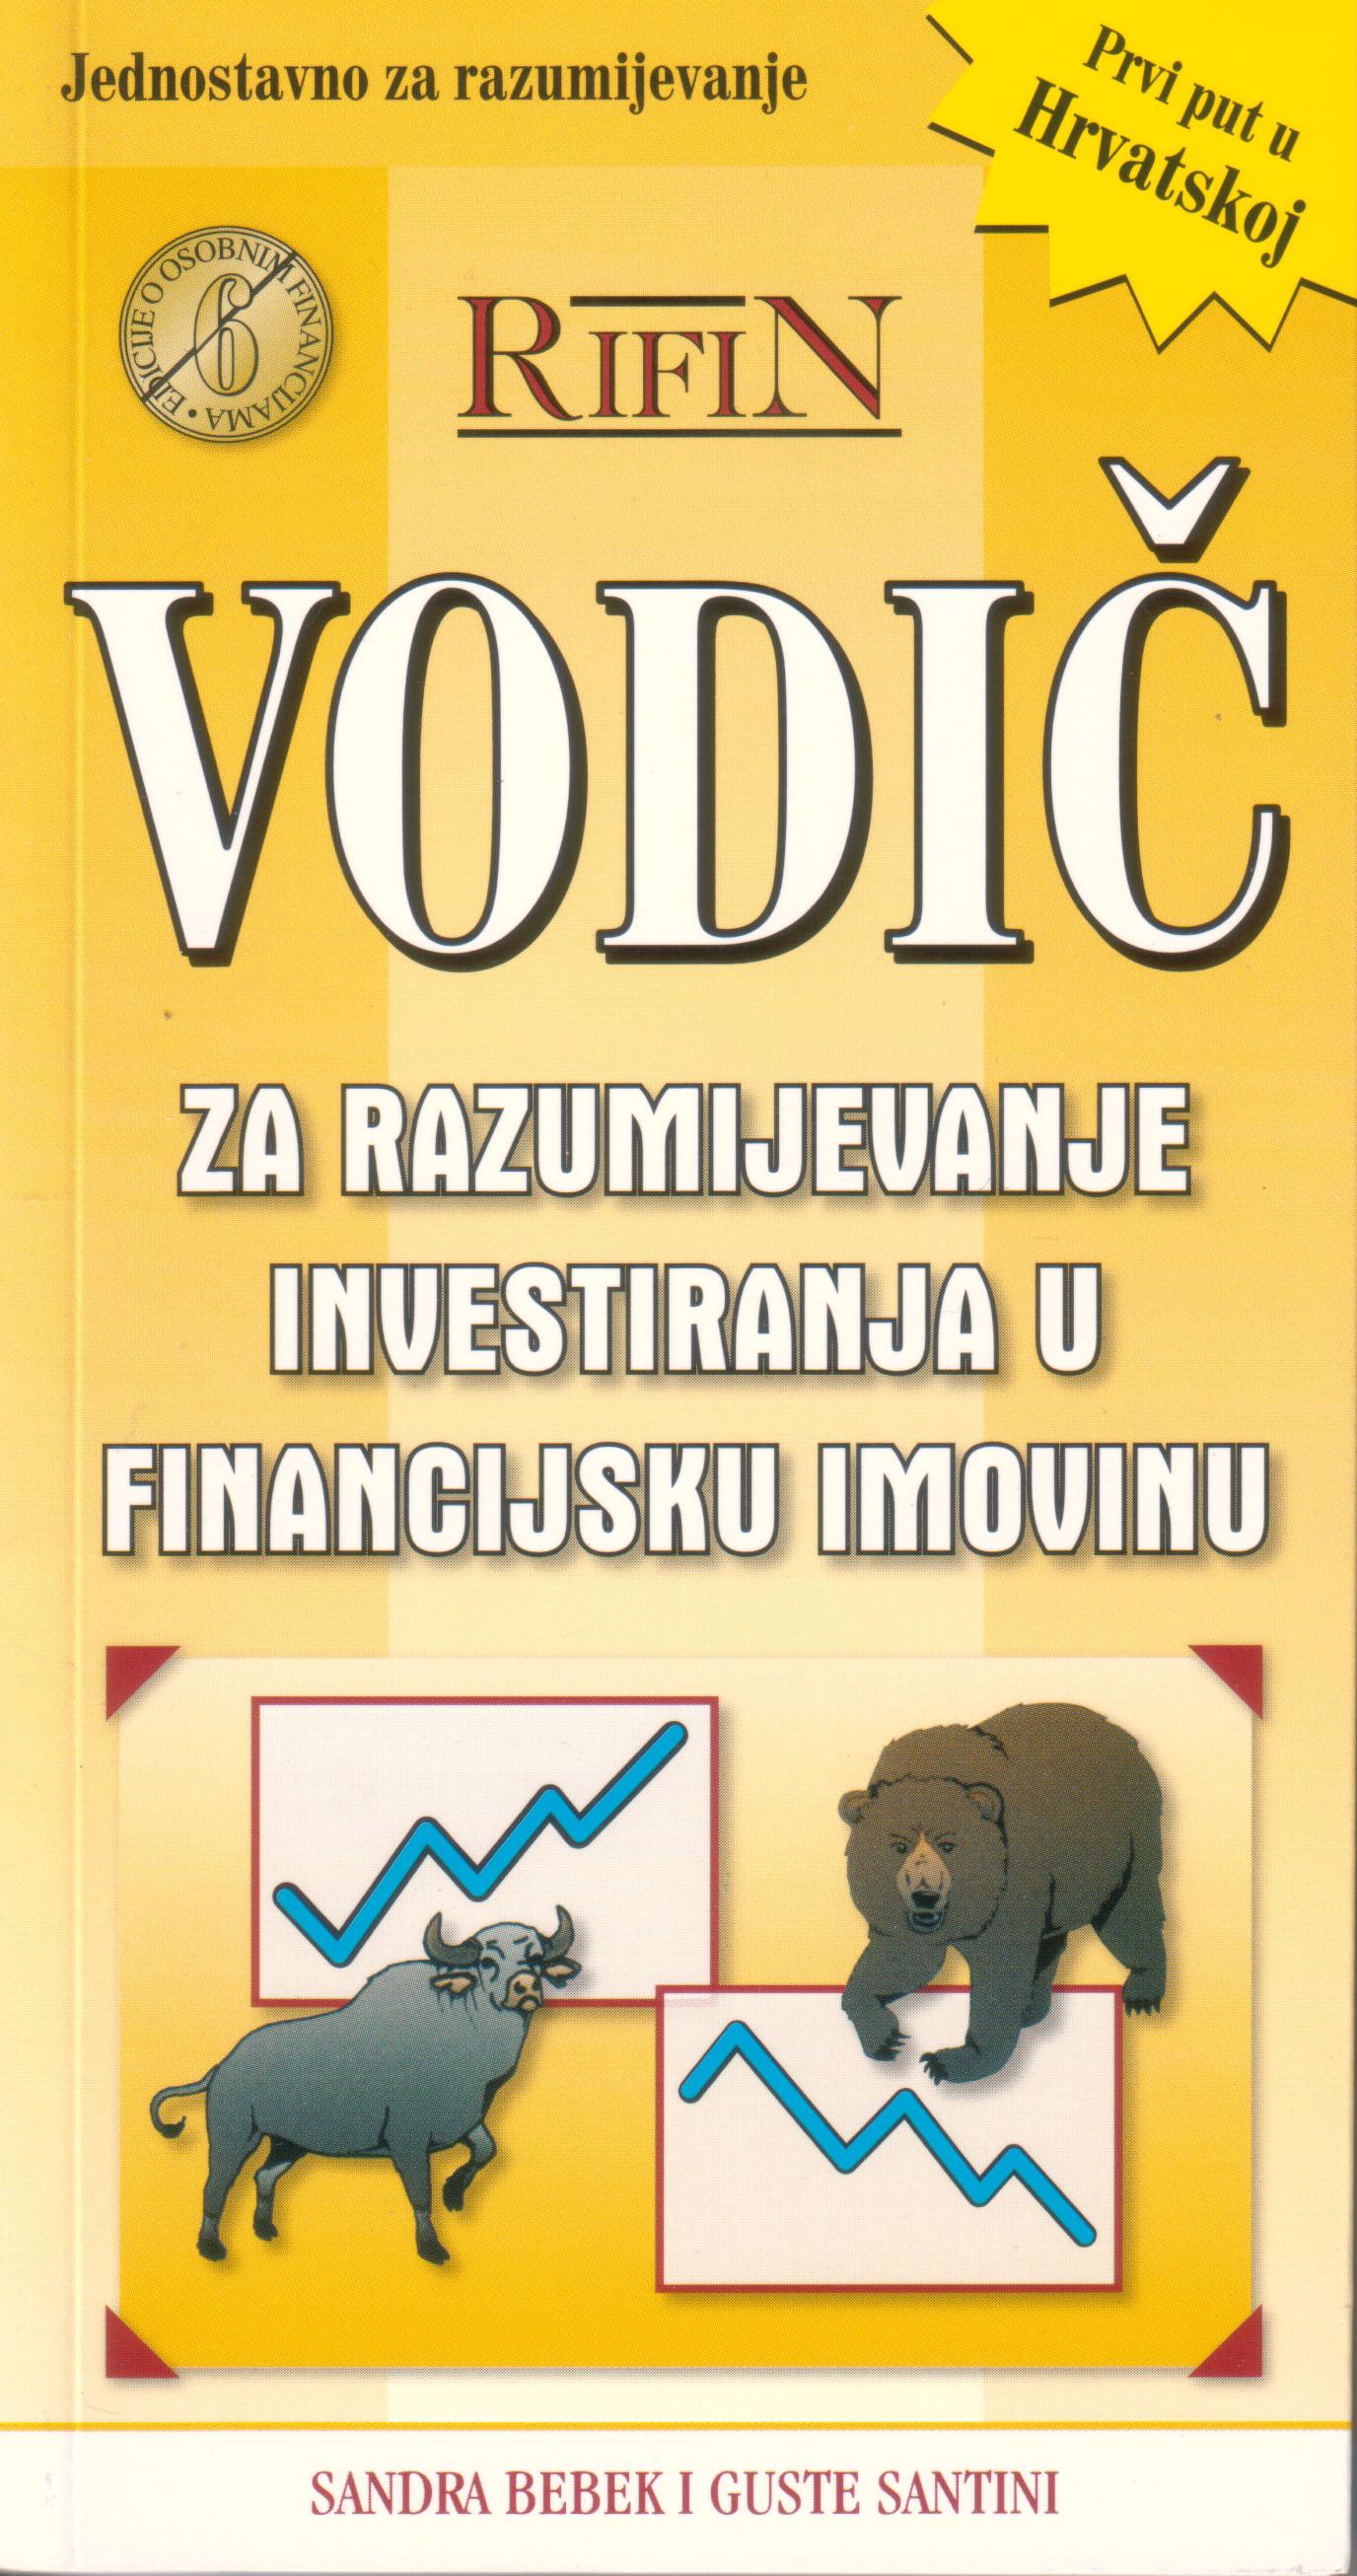 VODIČ ZA RAZUMIJEVANJE INVESTIRANJA U FINANCIJSKU IMOVINU - Naruči svoju knjigu